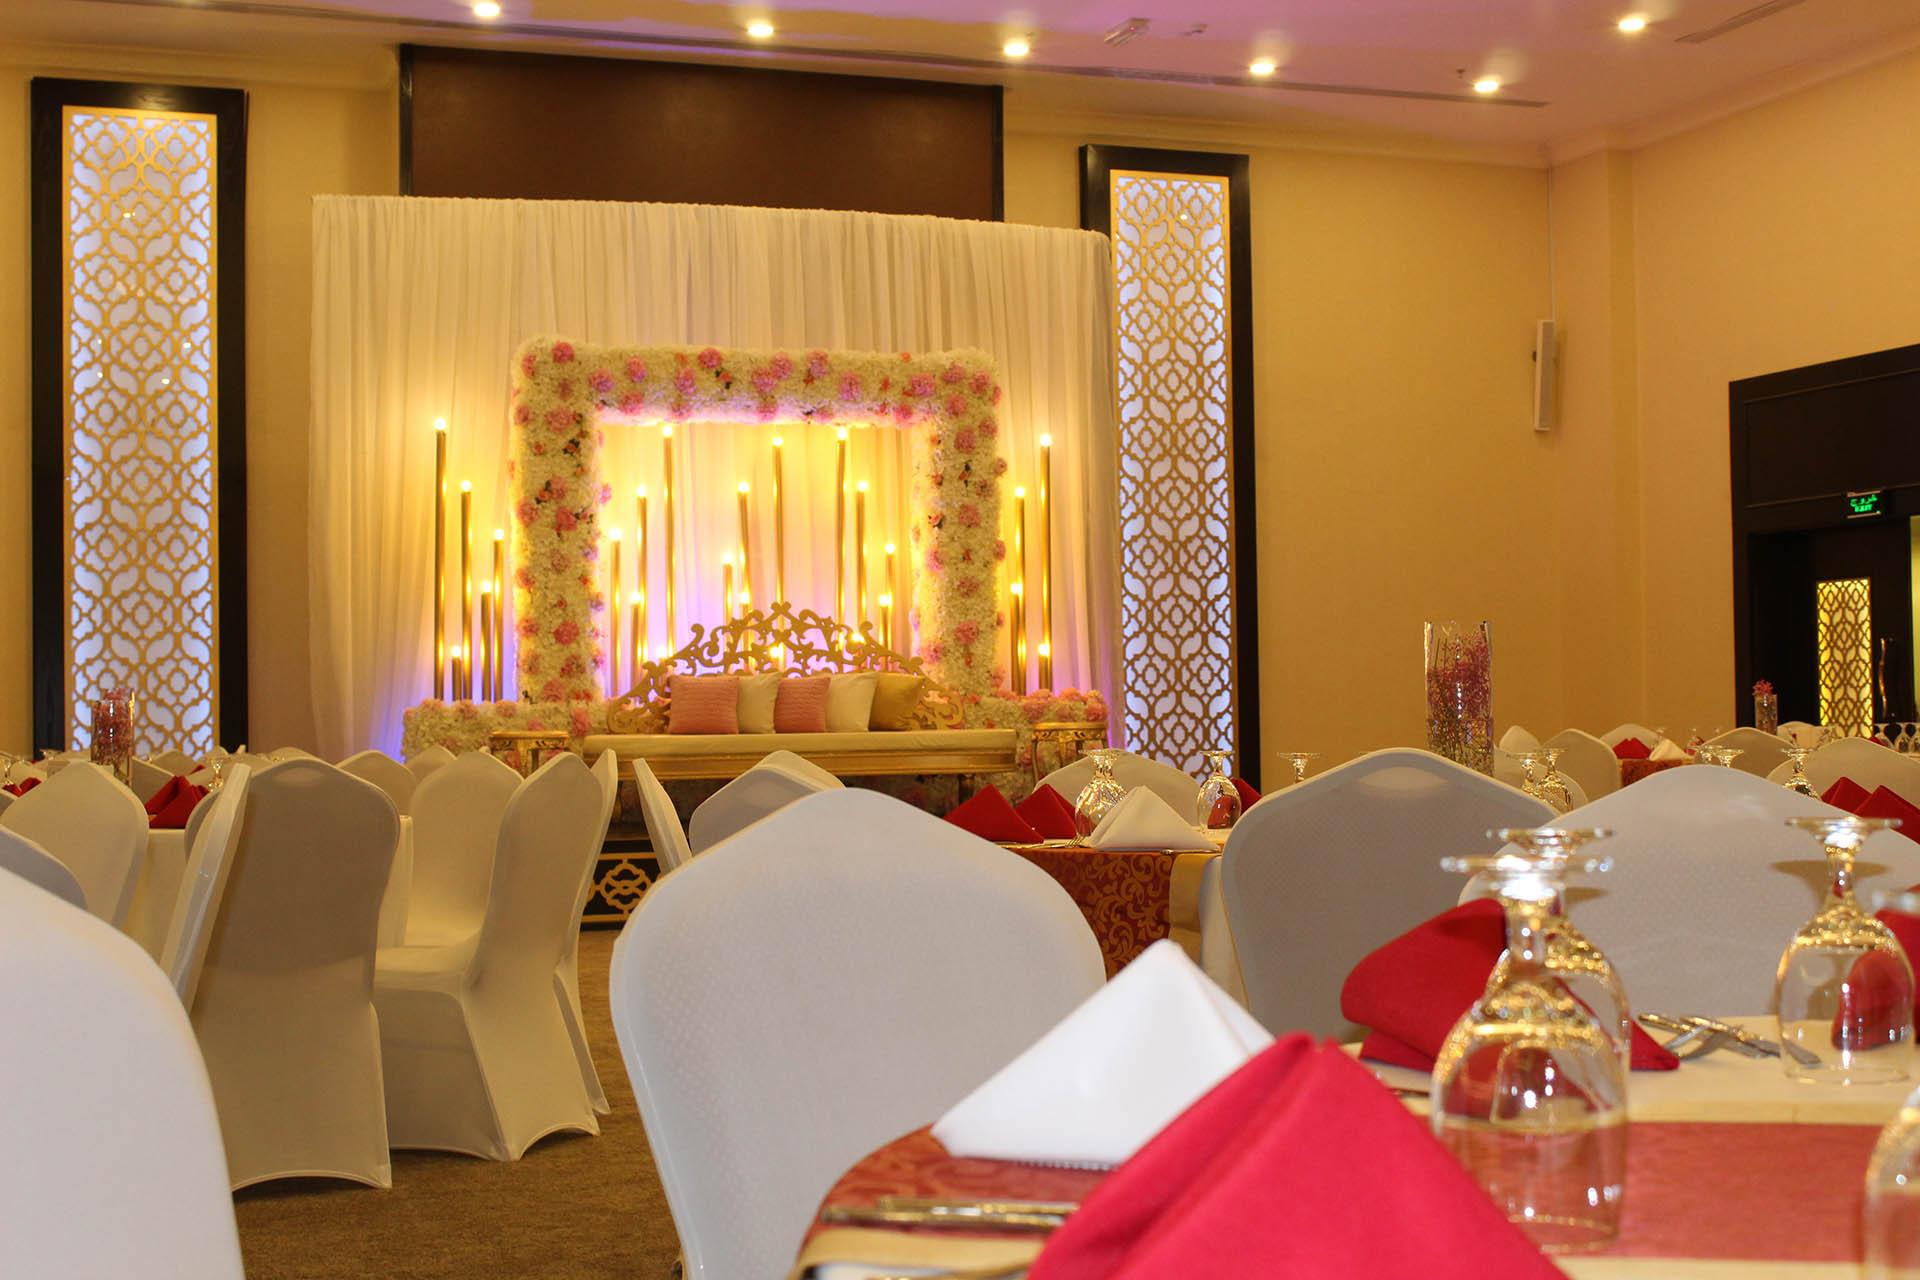 Al-Samar Ballroom